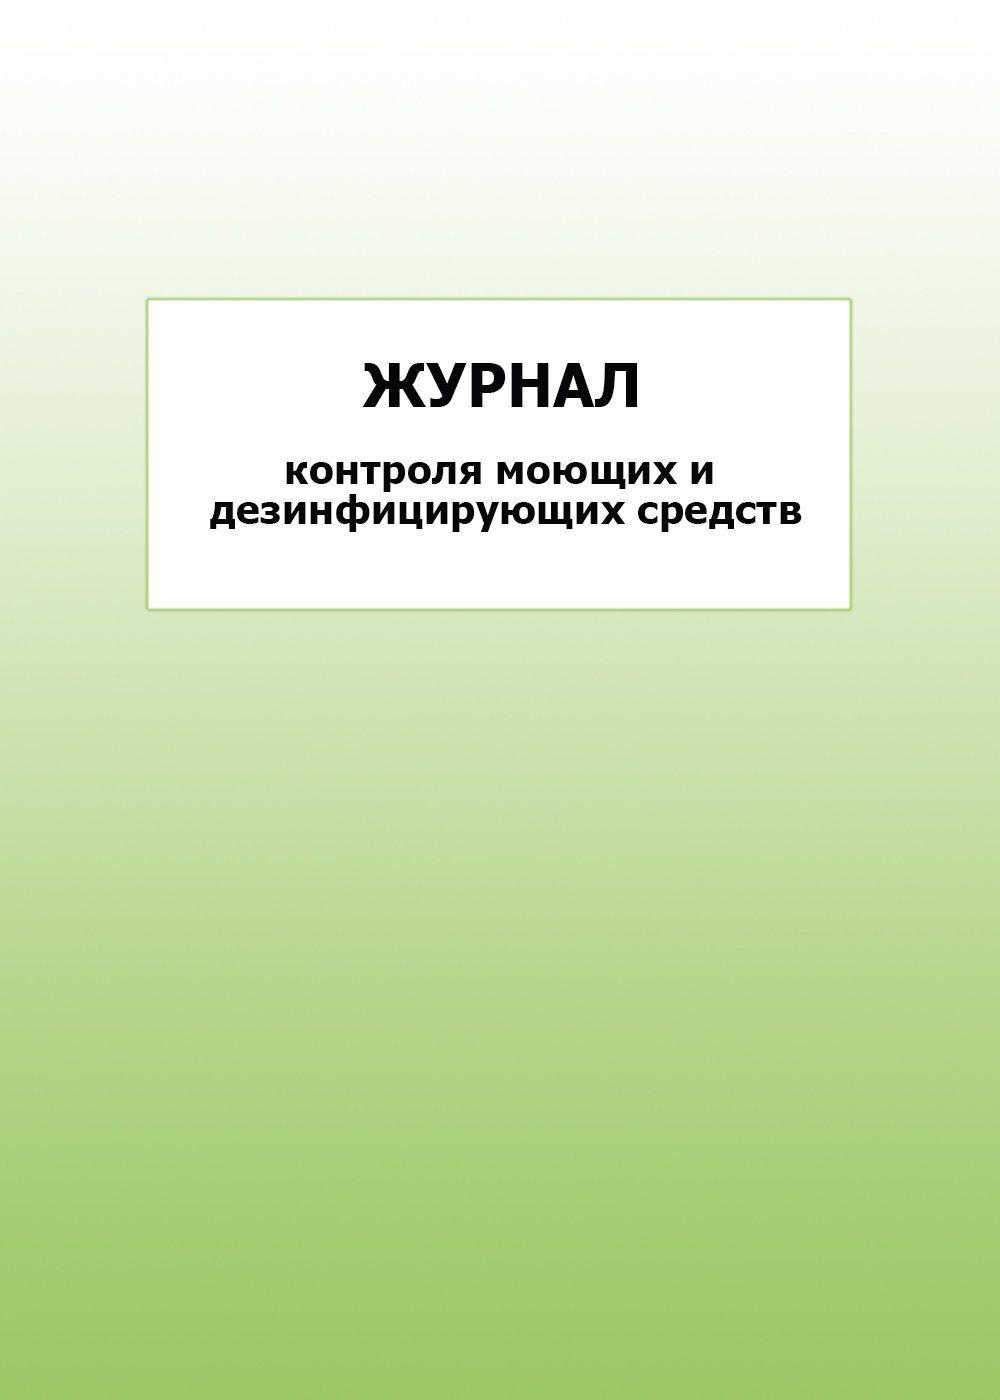 Журнал контроля моющих и дезинфицирующих средств: упаковка 100 шт.